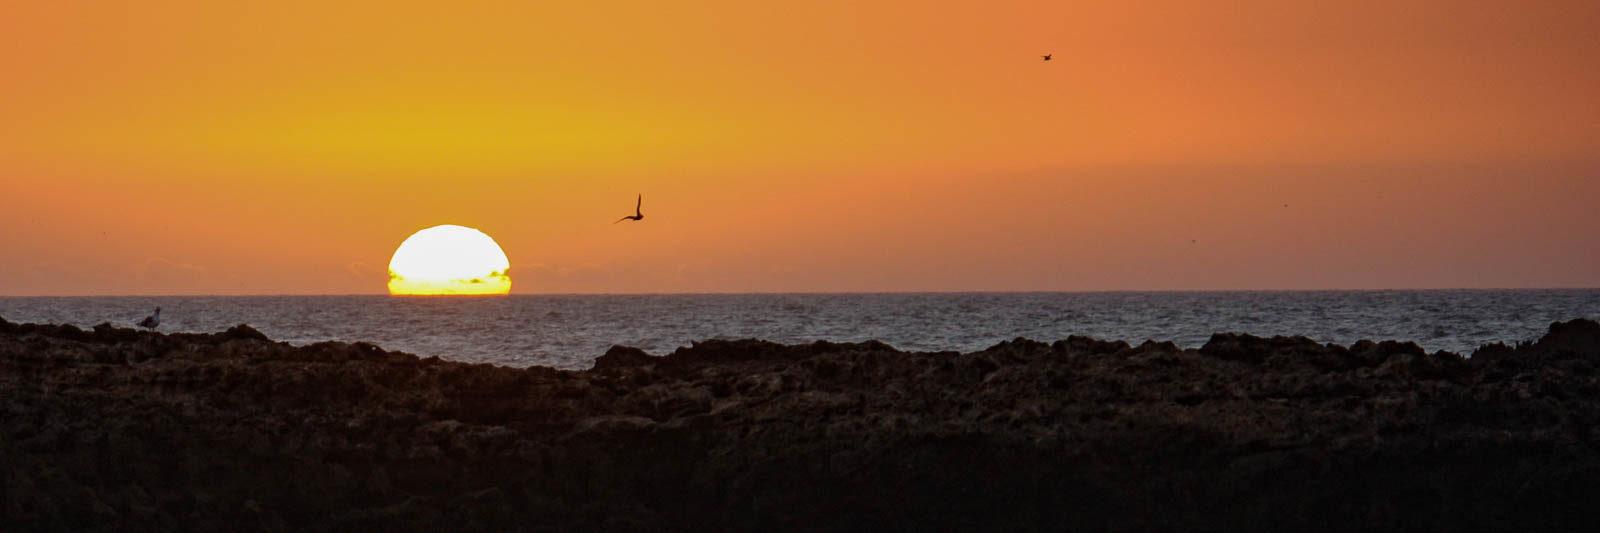 Sunset at Essaouira Beach